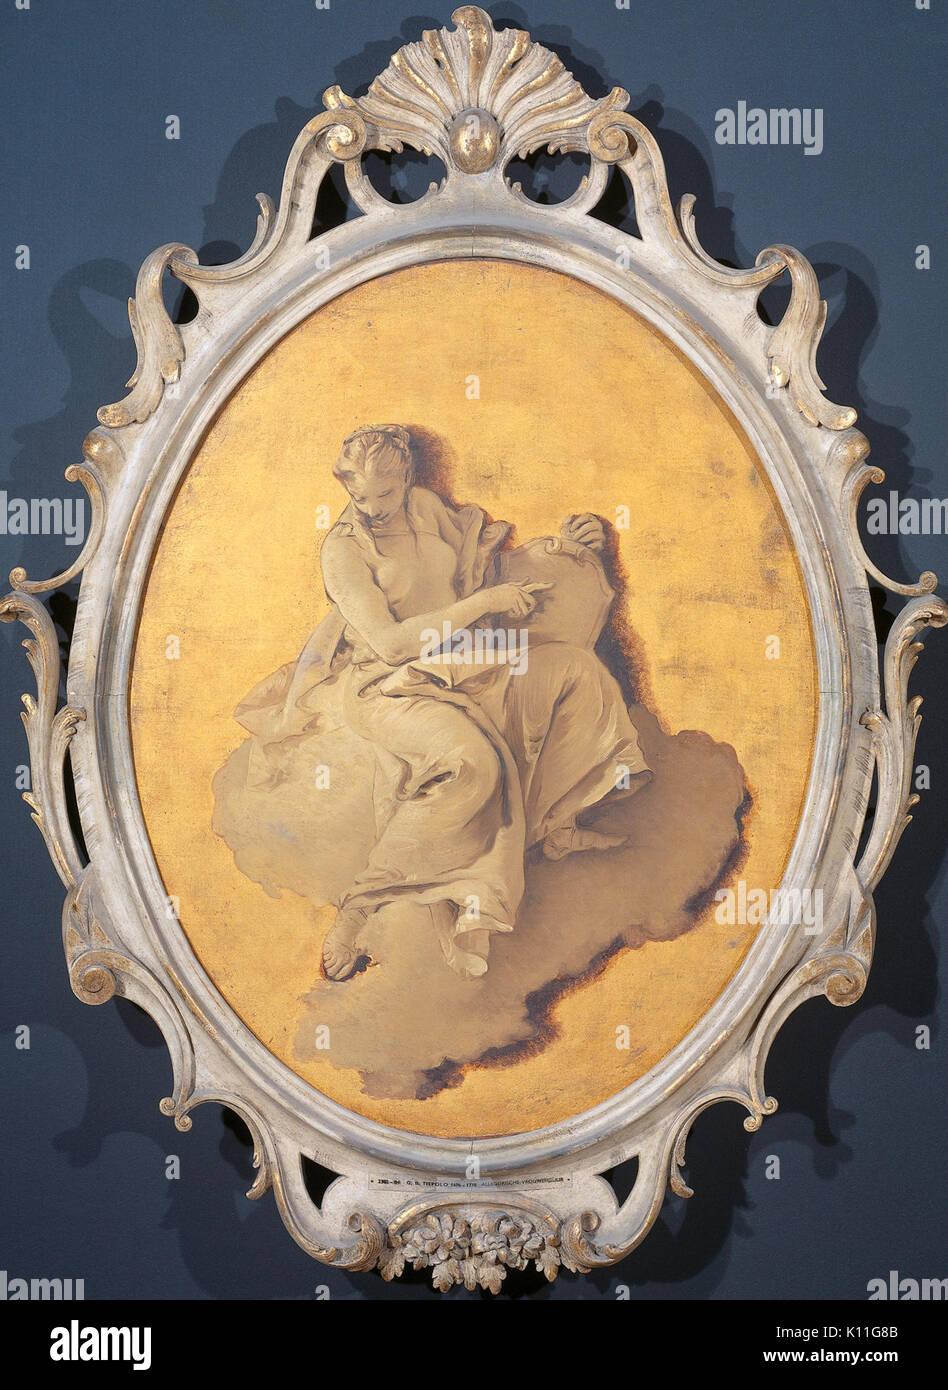 Allegorische vrouwenfiguur met een schild of spiegel (wellicht Voorzichtigheid) Rijksmuseum SK A 3438 - Stock Image